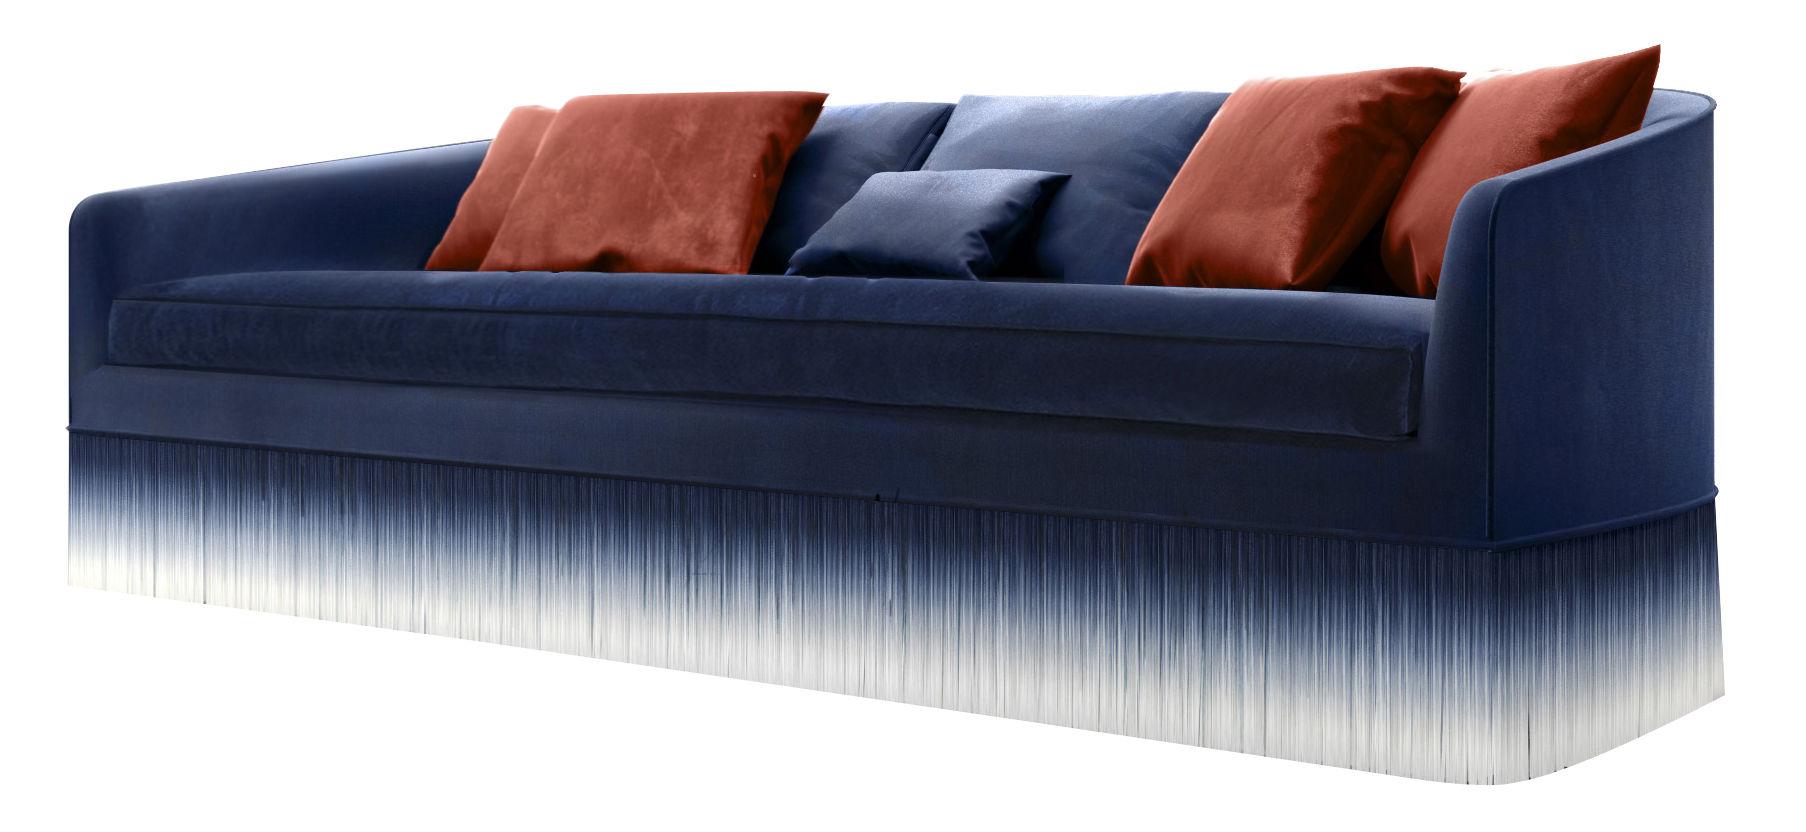 Mobilier - Canapés - Canapé droit Amami / 3 places, L 250 cm - Velours & franges - Moooi - Bleu - Bois, Mousse, Velours